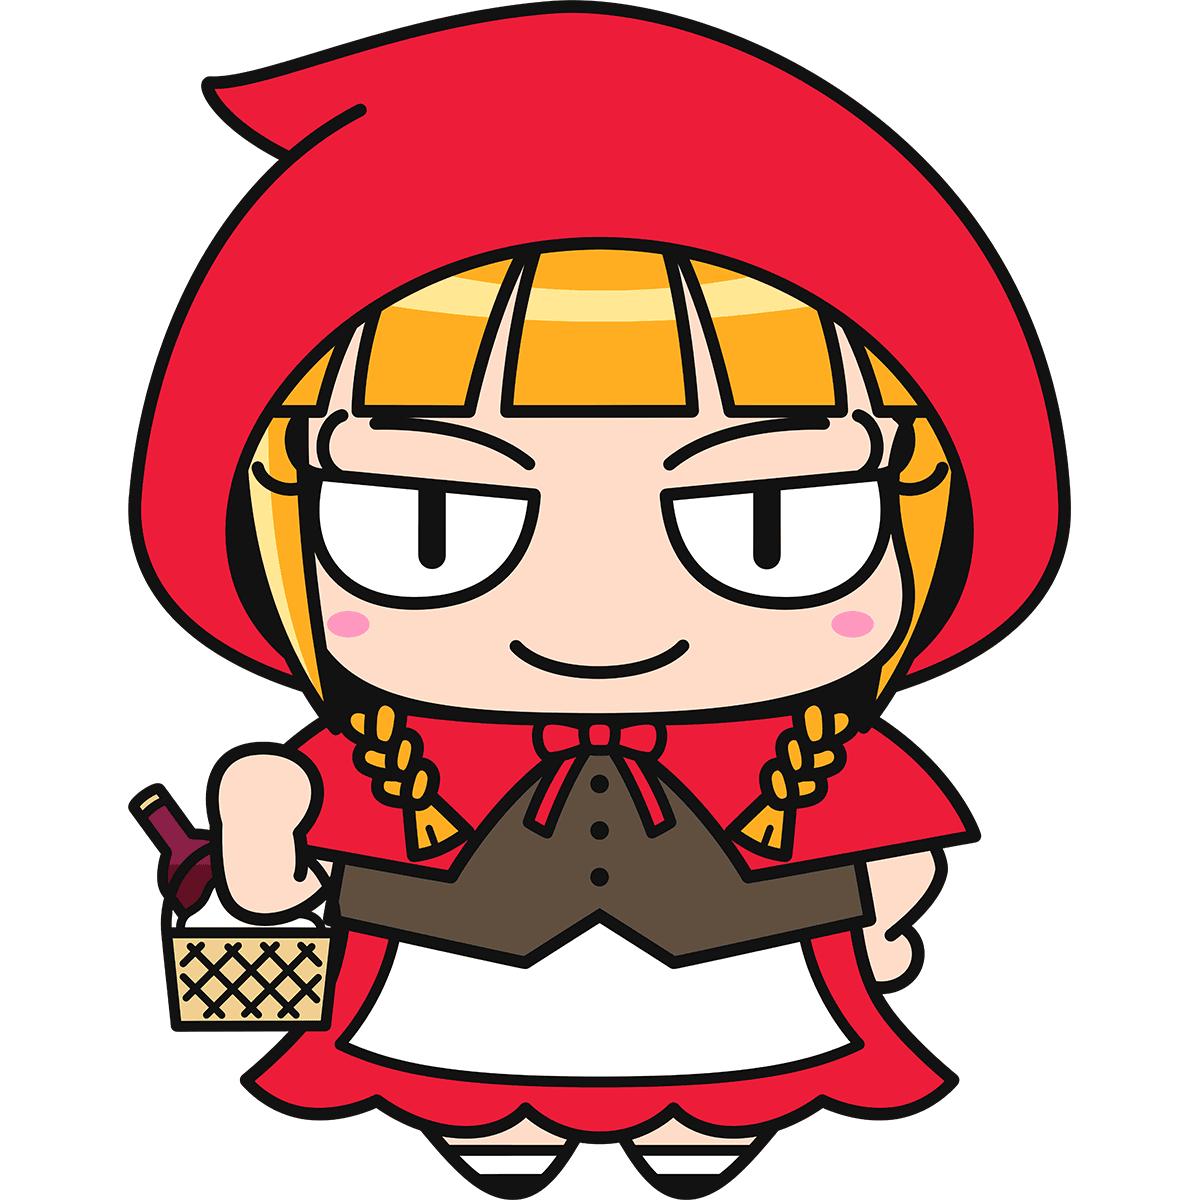 赤ずきんちゃんの無料イラスト